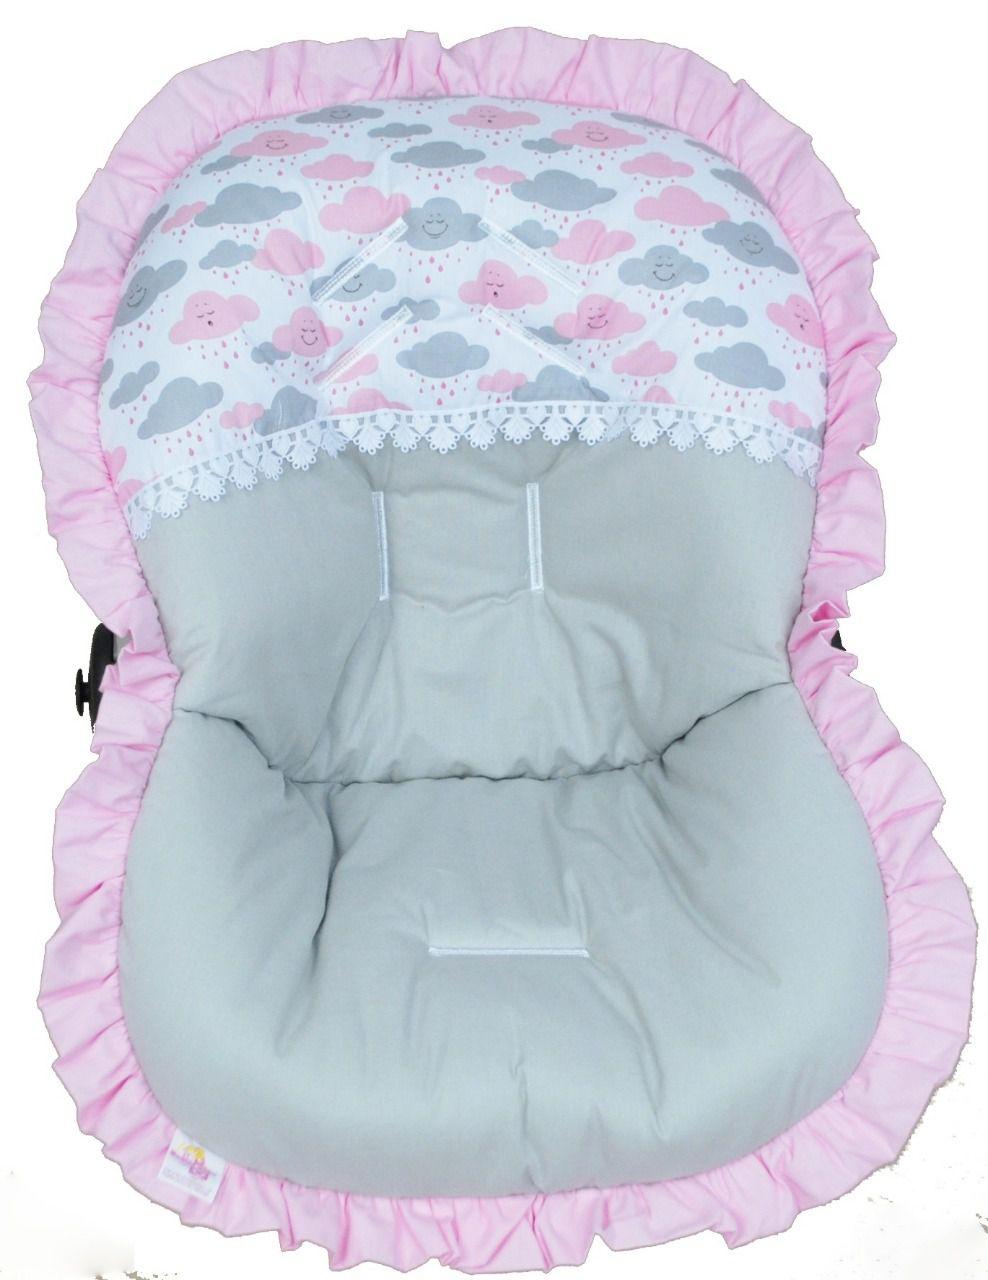 Capa Para Bebê Conforto Nuvens Rosa e Cinza 100% Algodão